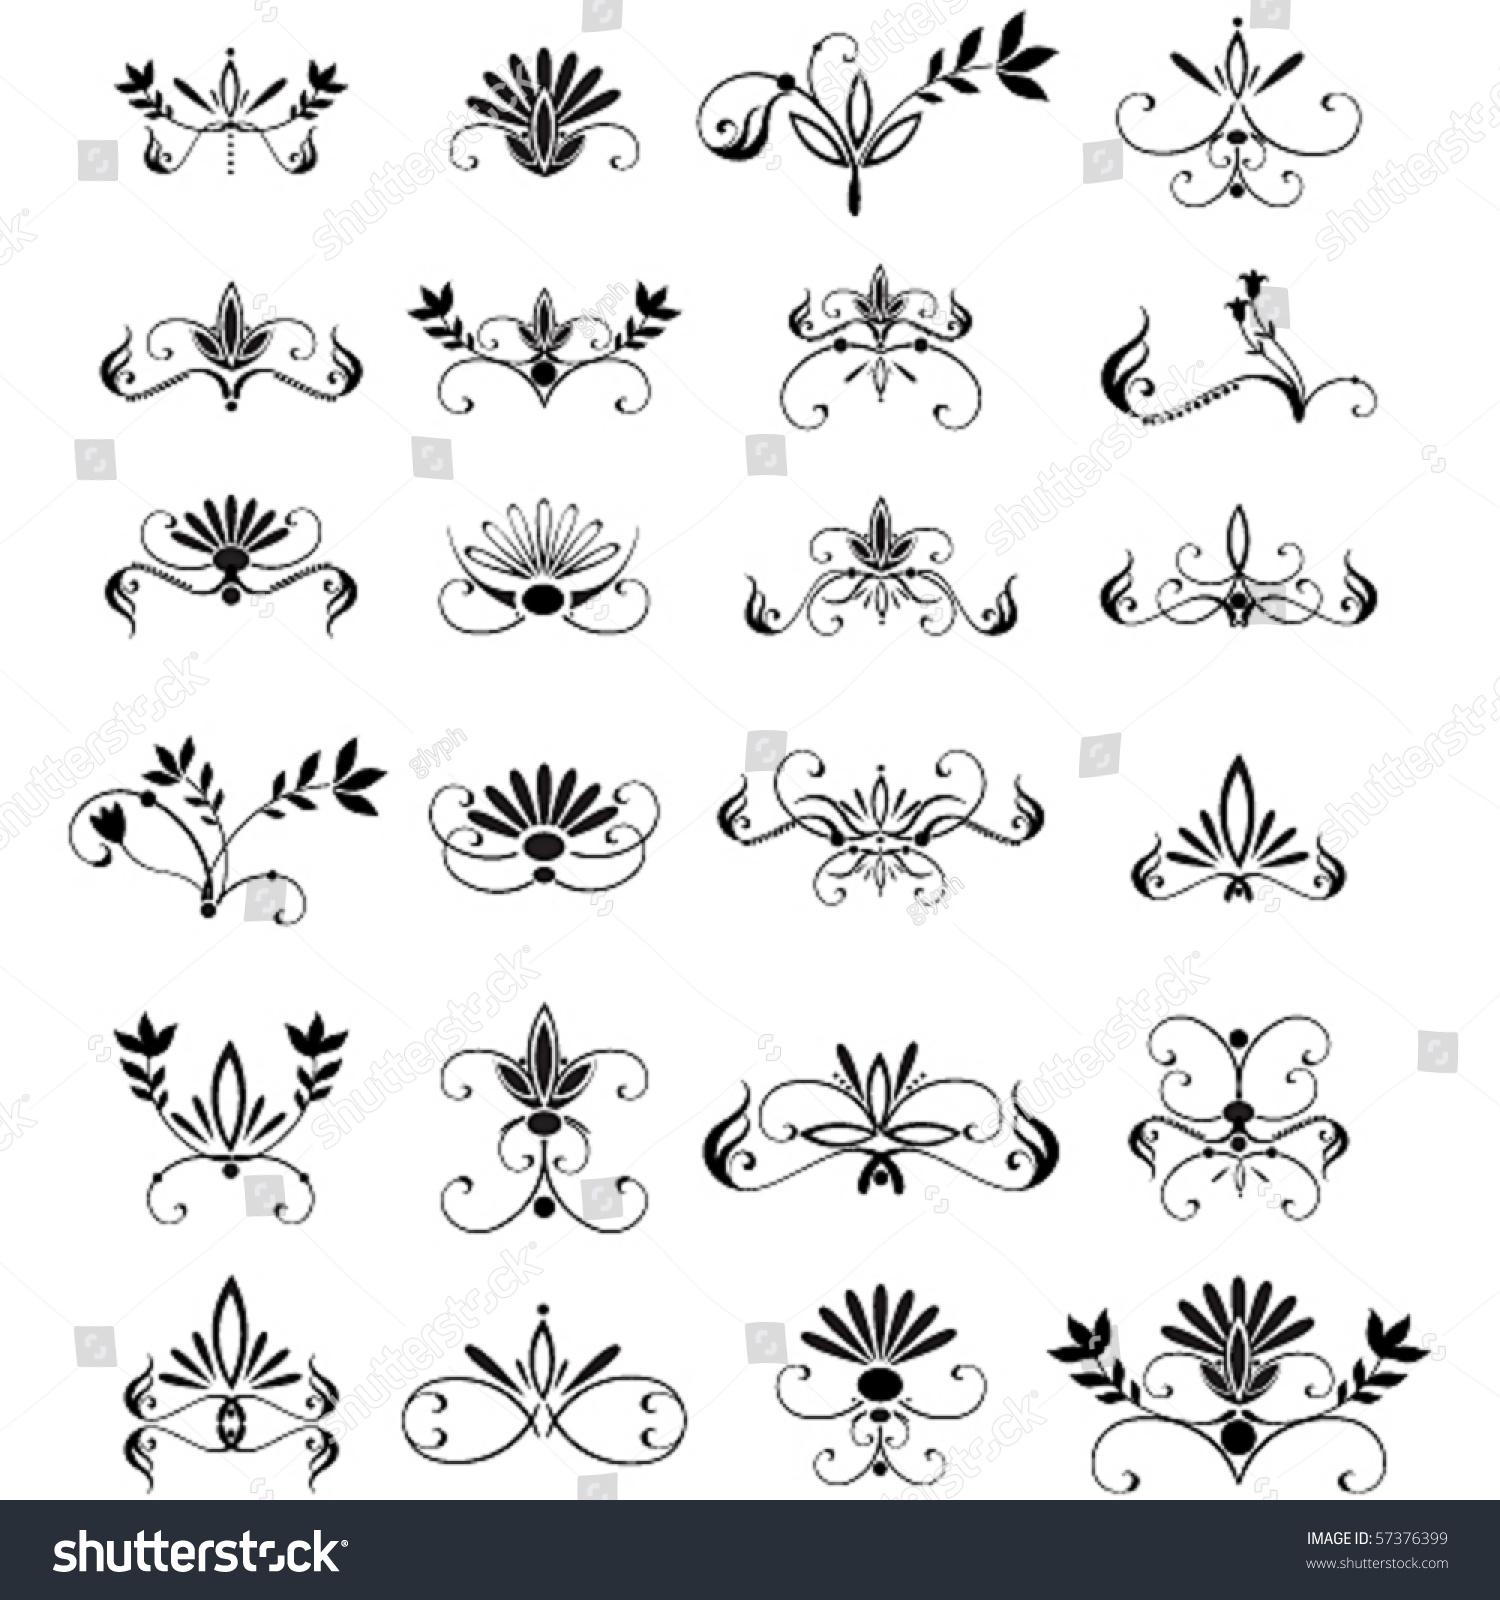 Set Of Black Flower Design Elements Stock Vector: Vector Large Set Of Floral Design Elements